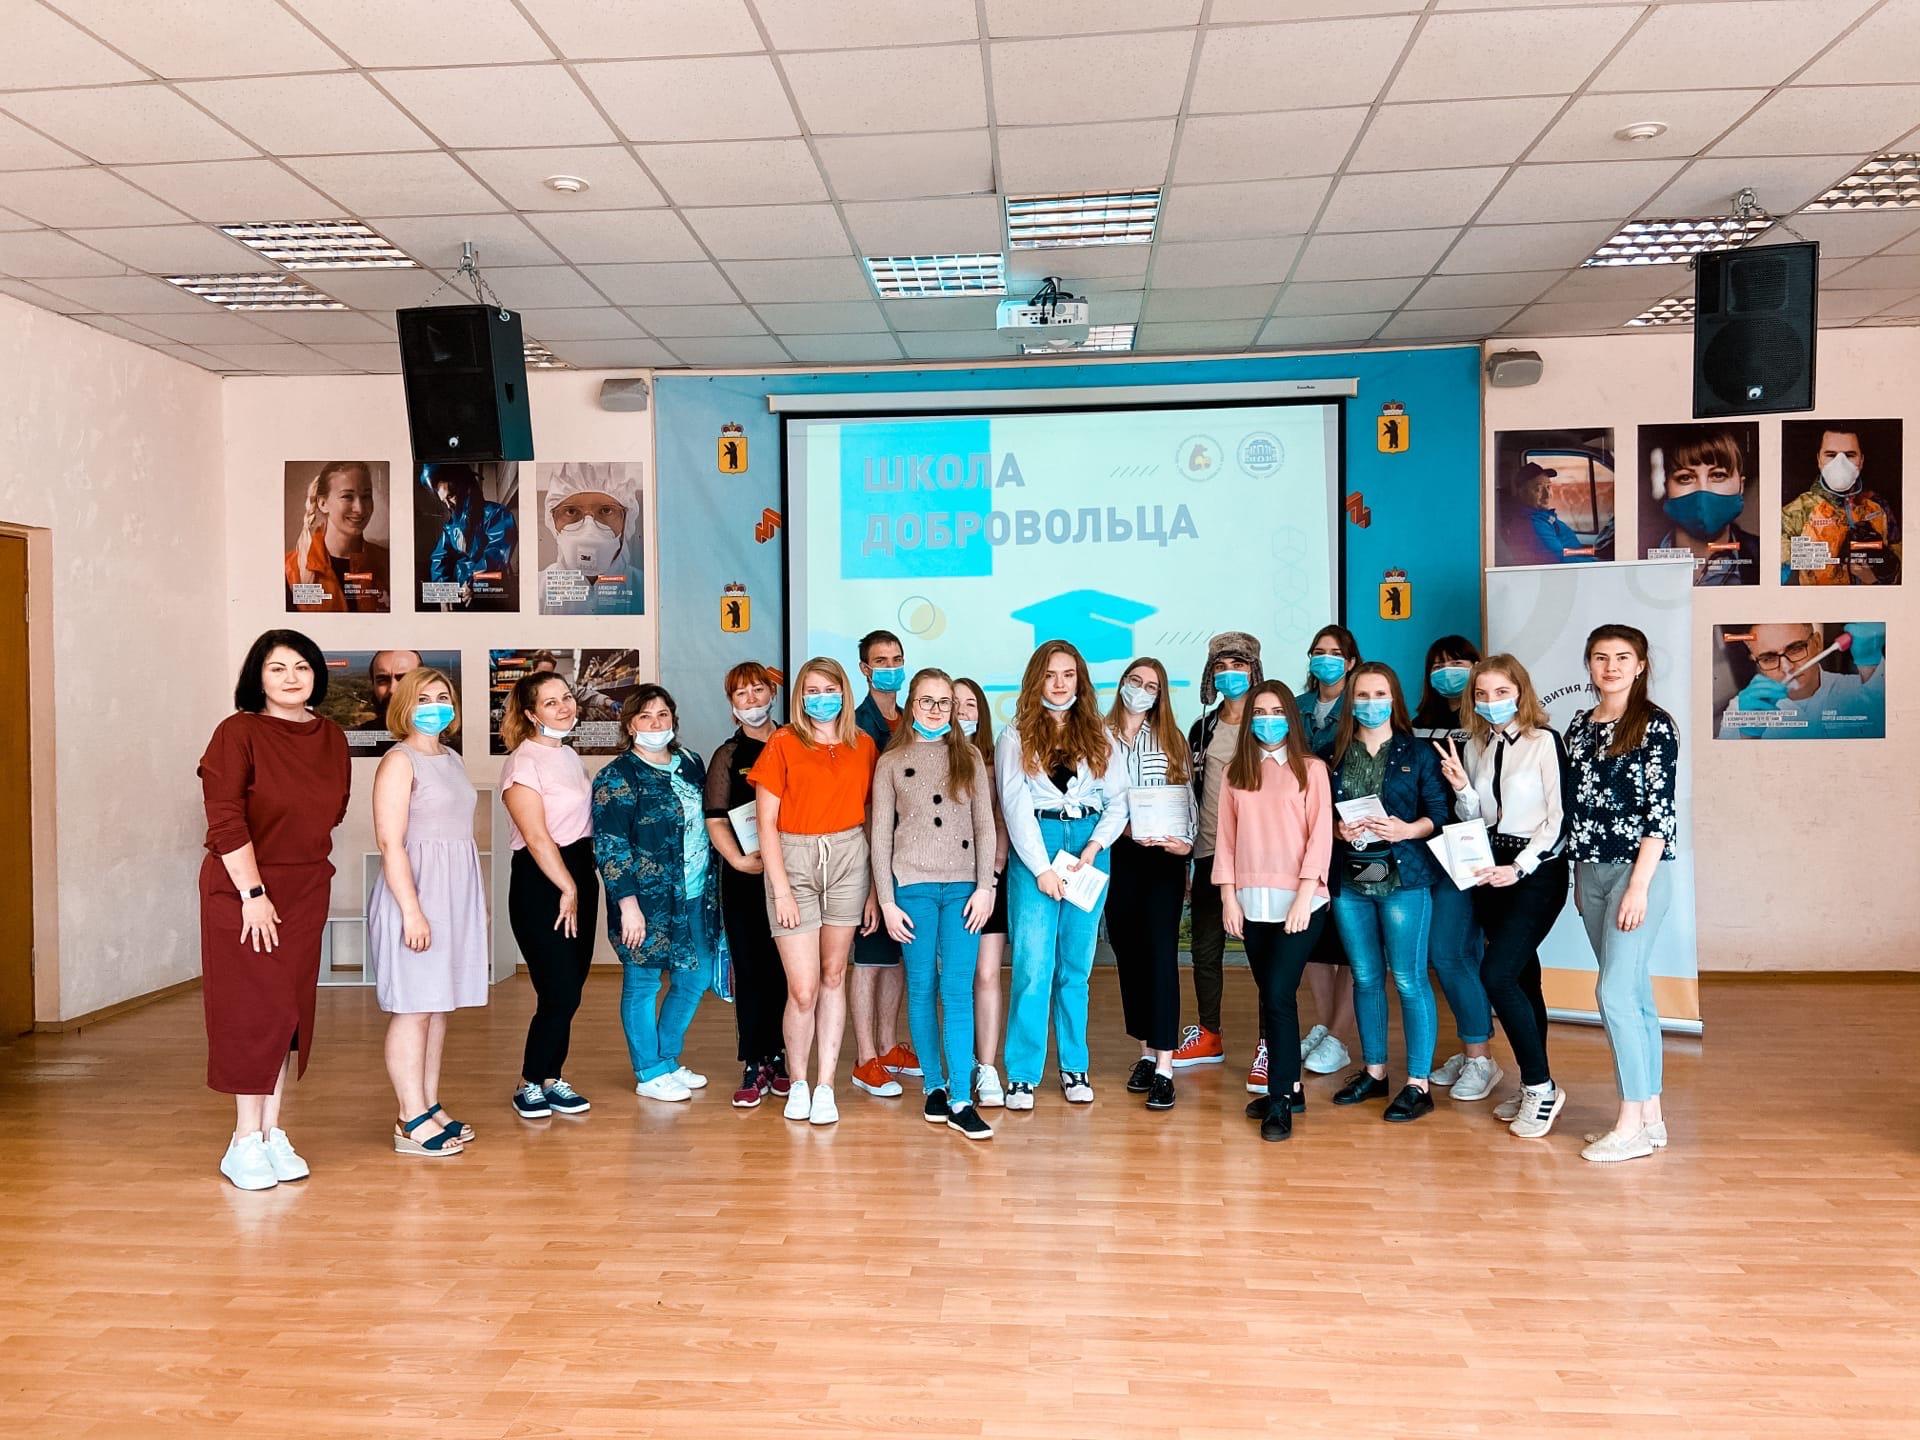 Ярославские добровольцы могут получить гранты на развитие своих инициатив